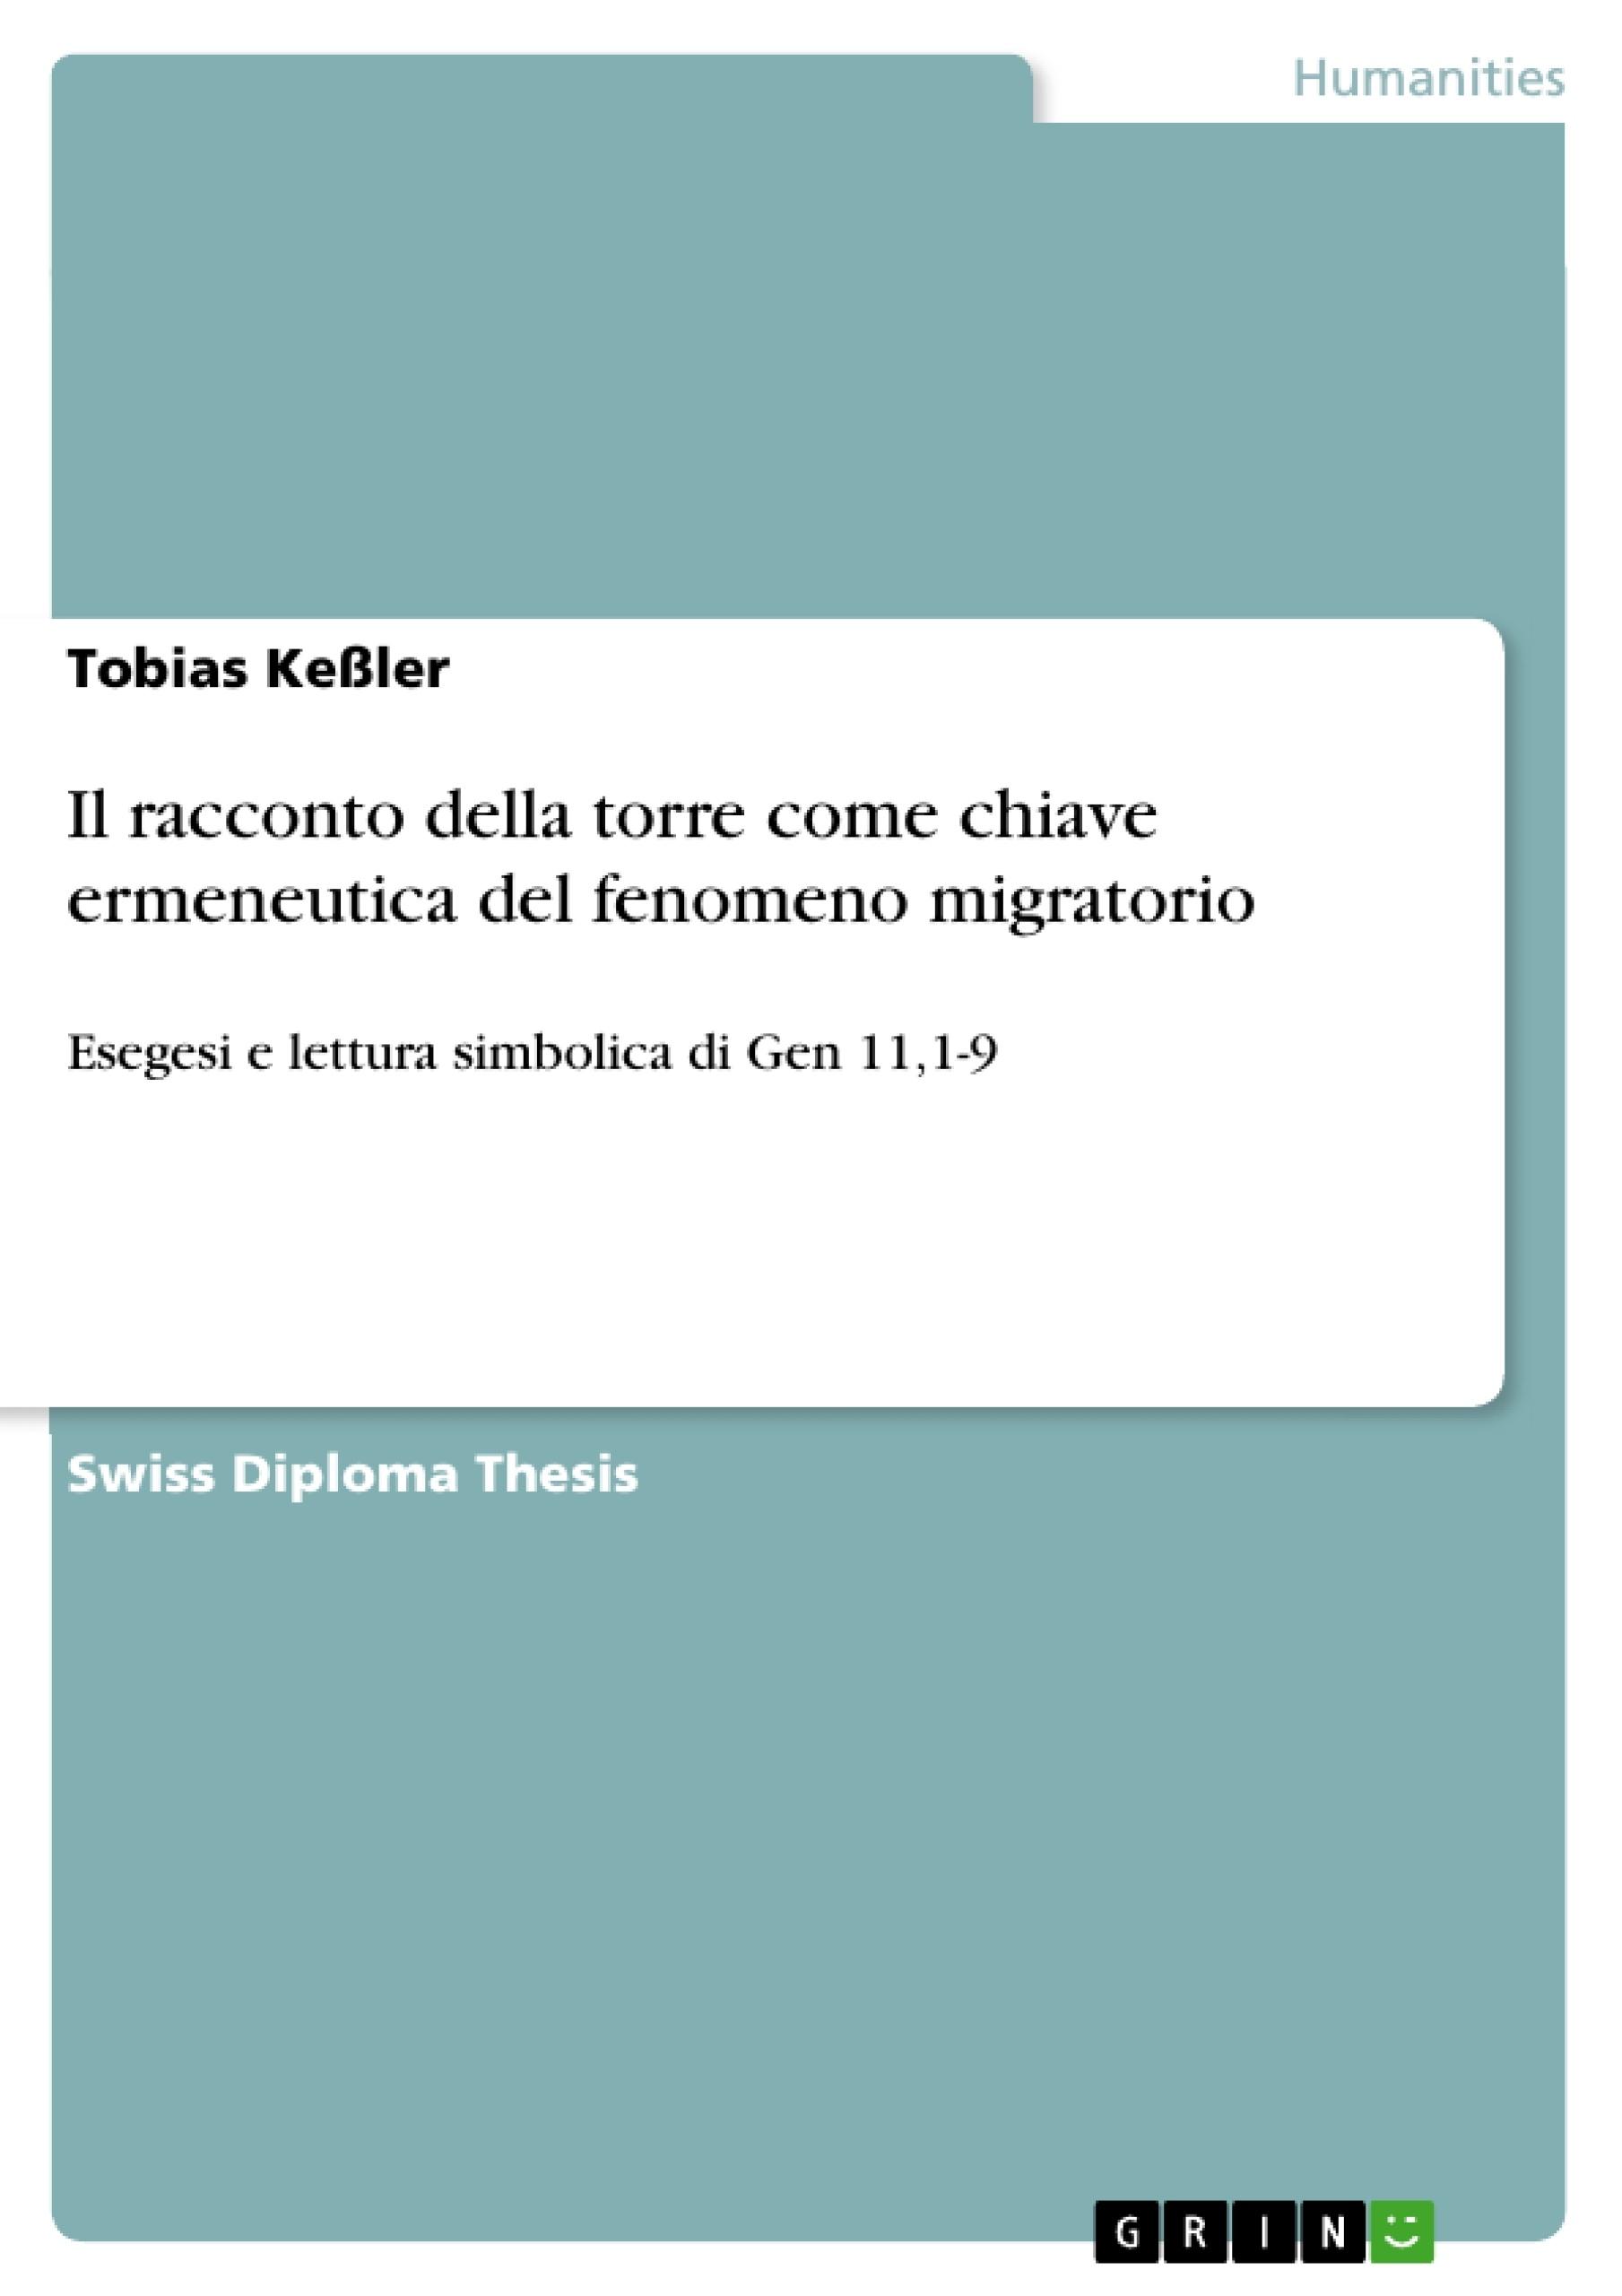 Title: Il racconto della torre come chiave ermeneutica del fenomeno migratorio